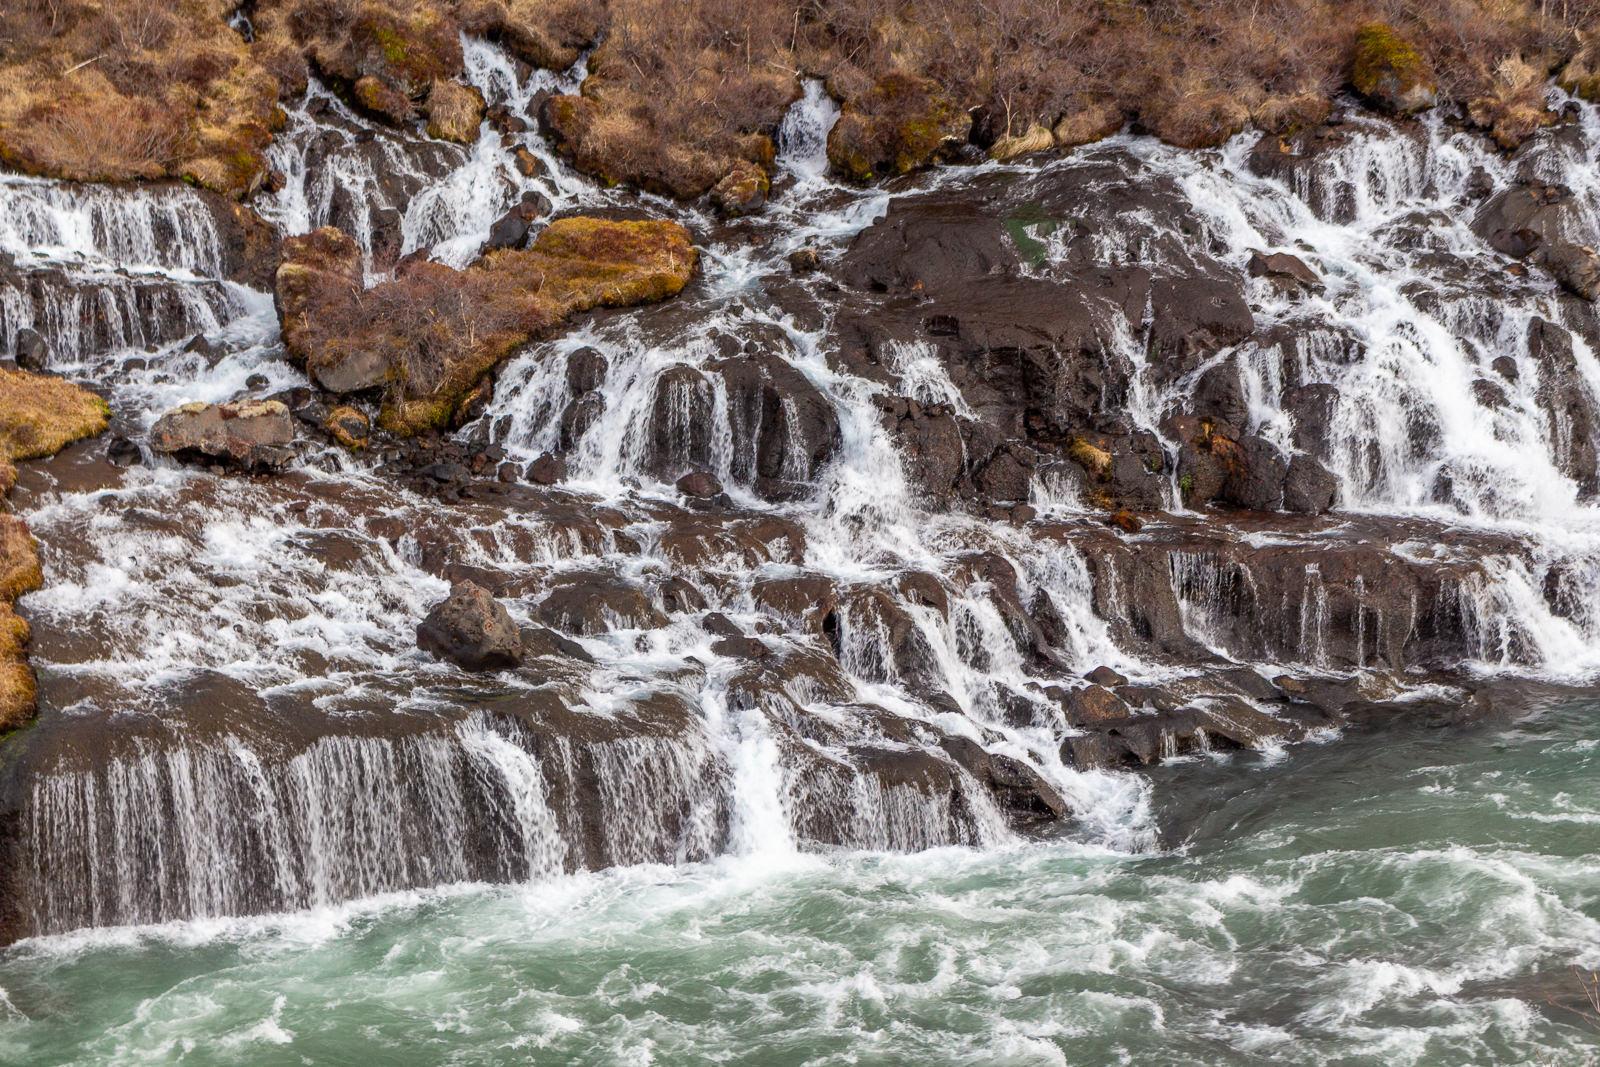 island, Wäre es nicht so windig, könnte man mich bei den Wasserfällen parken